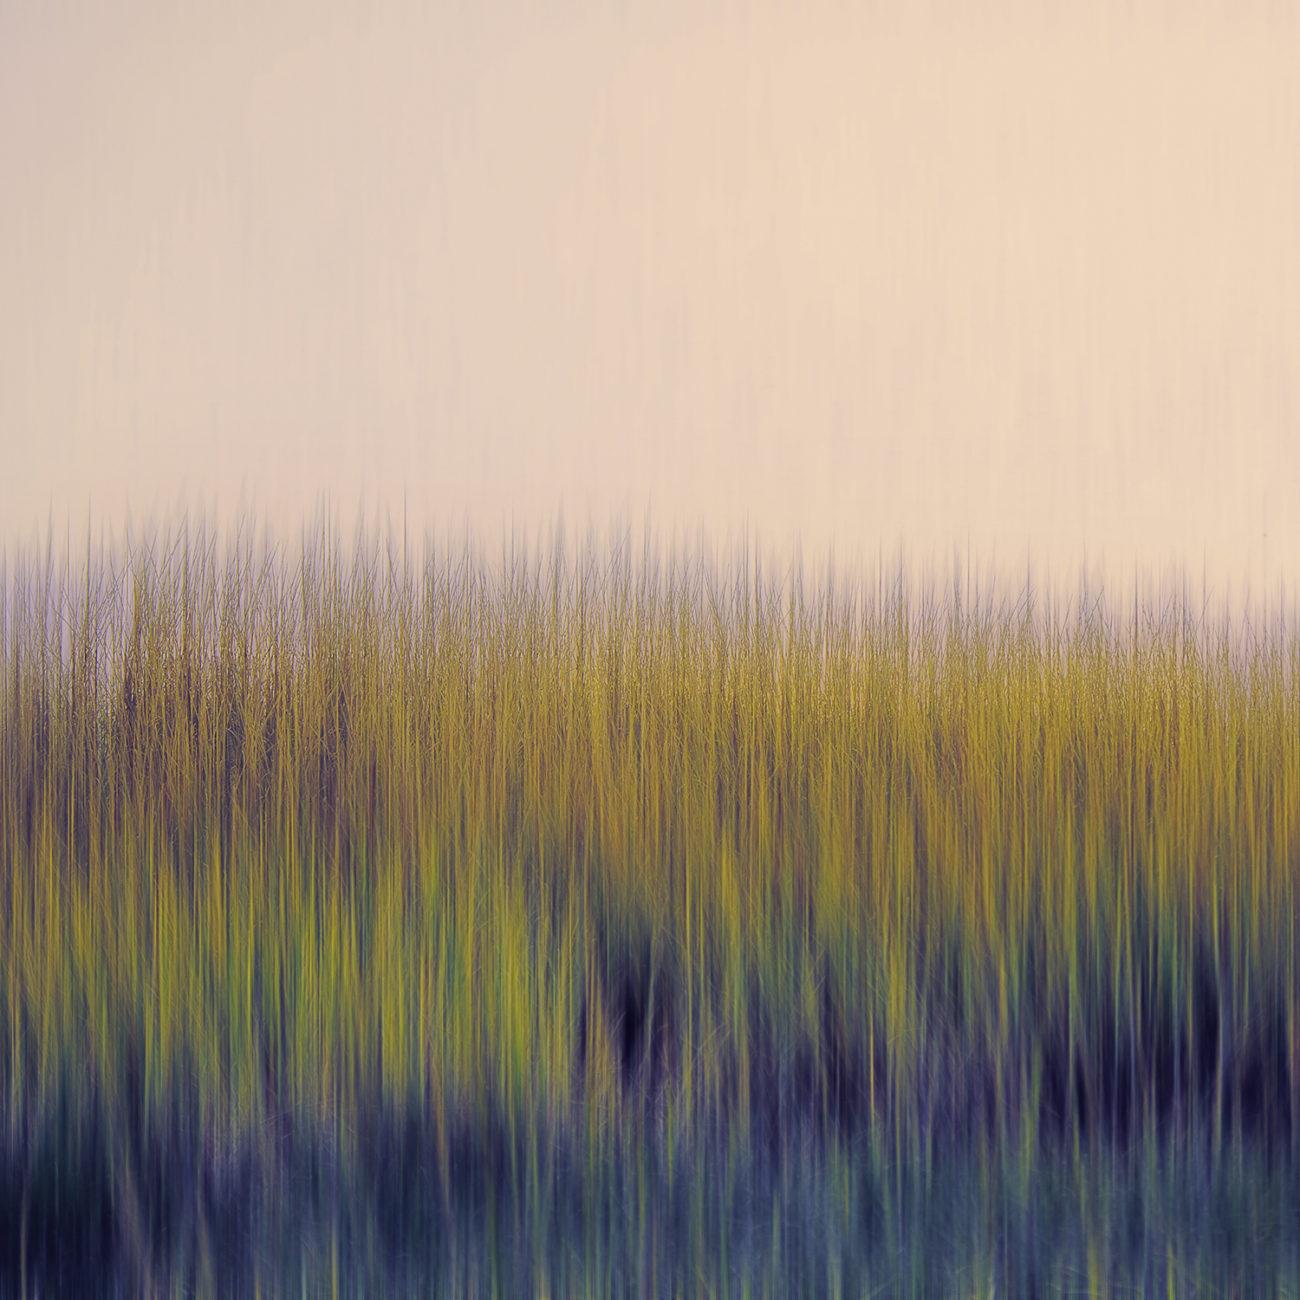 Seagrass Assateague Island, 2014